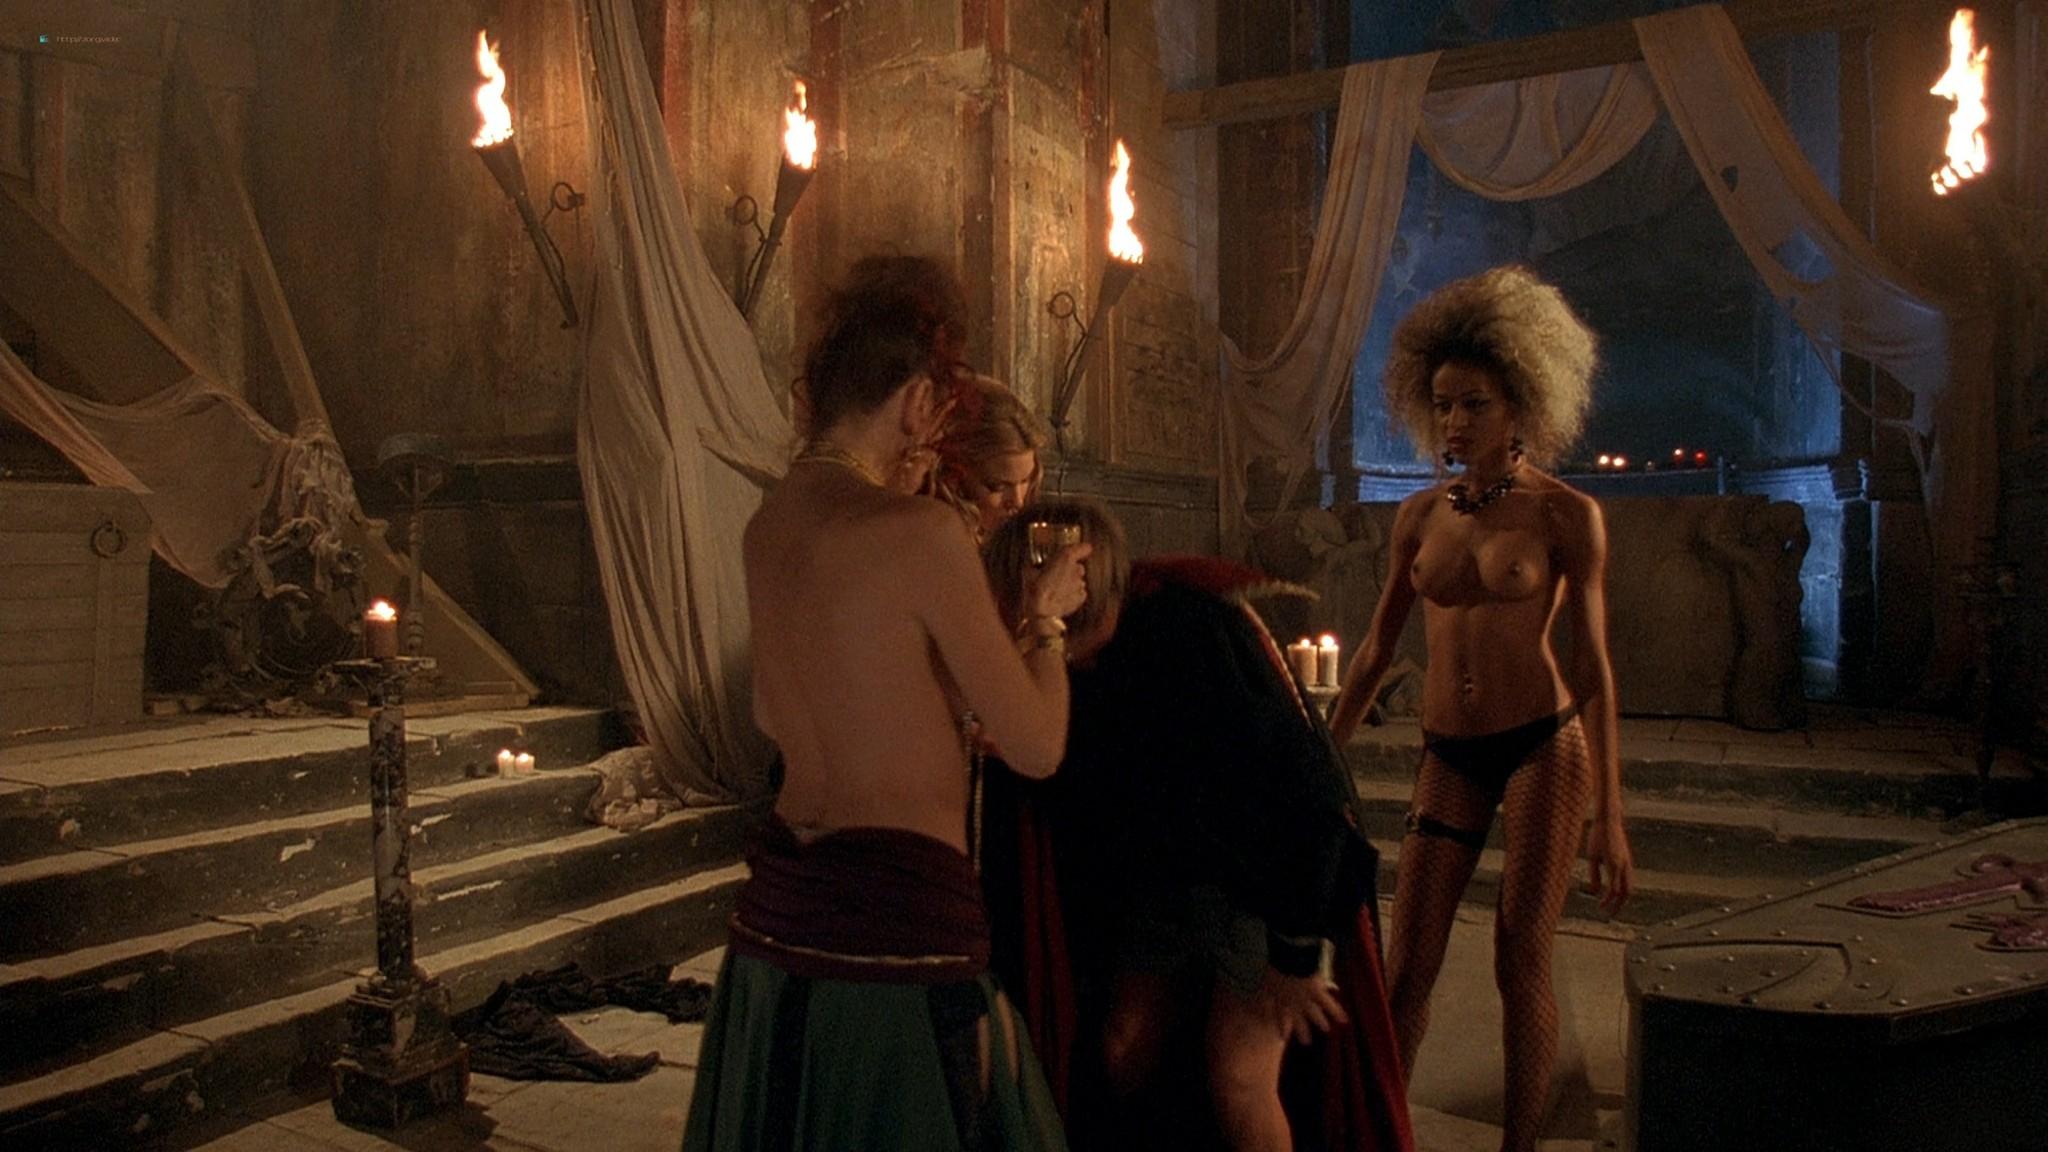 Jennifer Lyons hot Simon Petric, Desiree Malonga and others nude - Transylmania (2009) HD 1080p BluRay (r) (7)